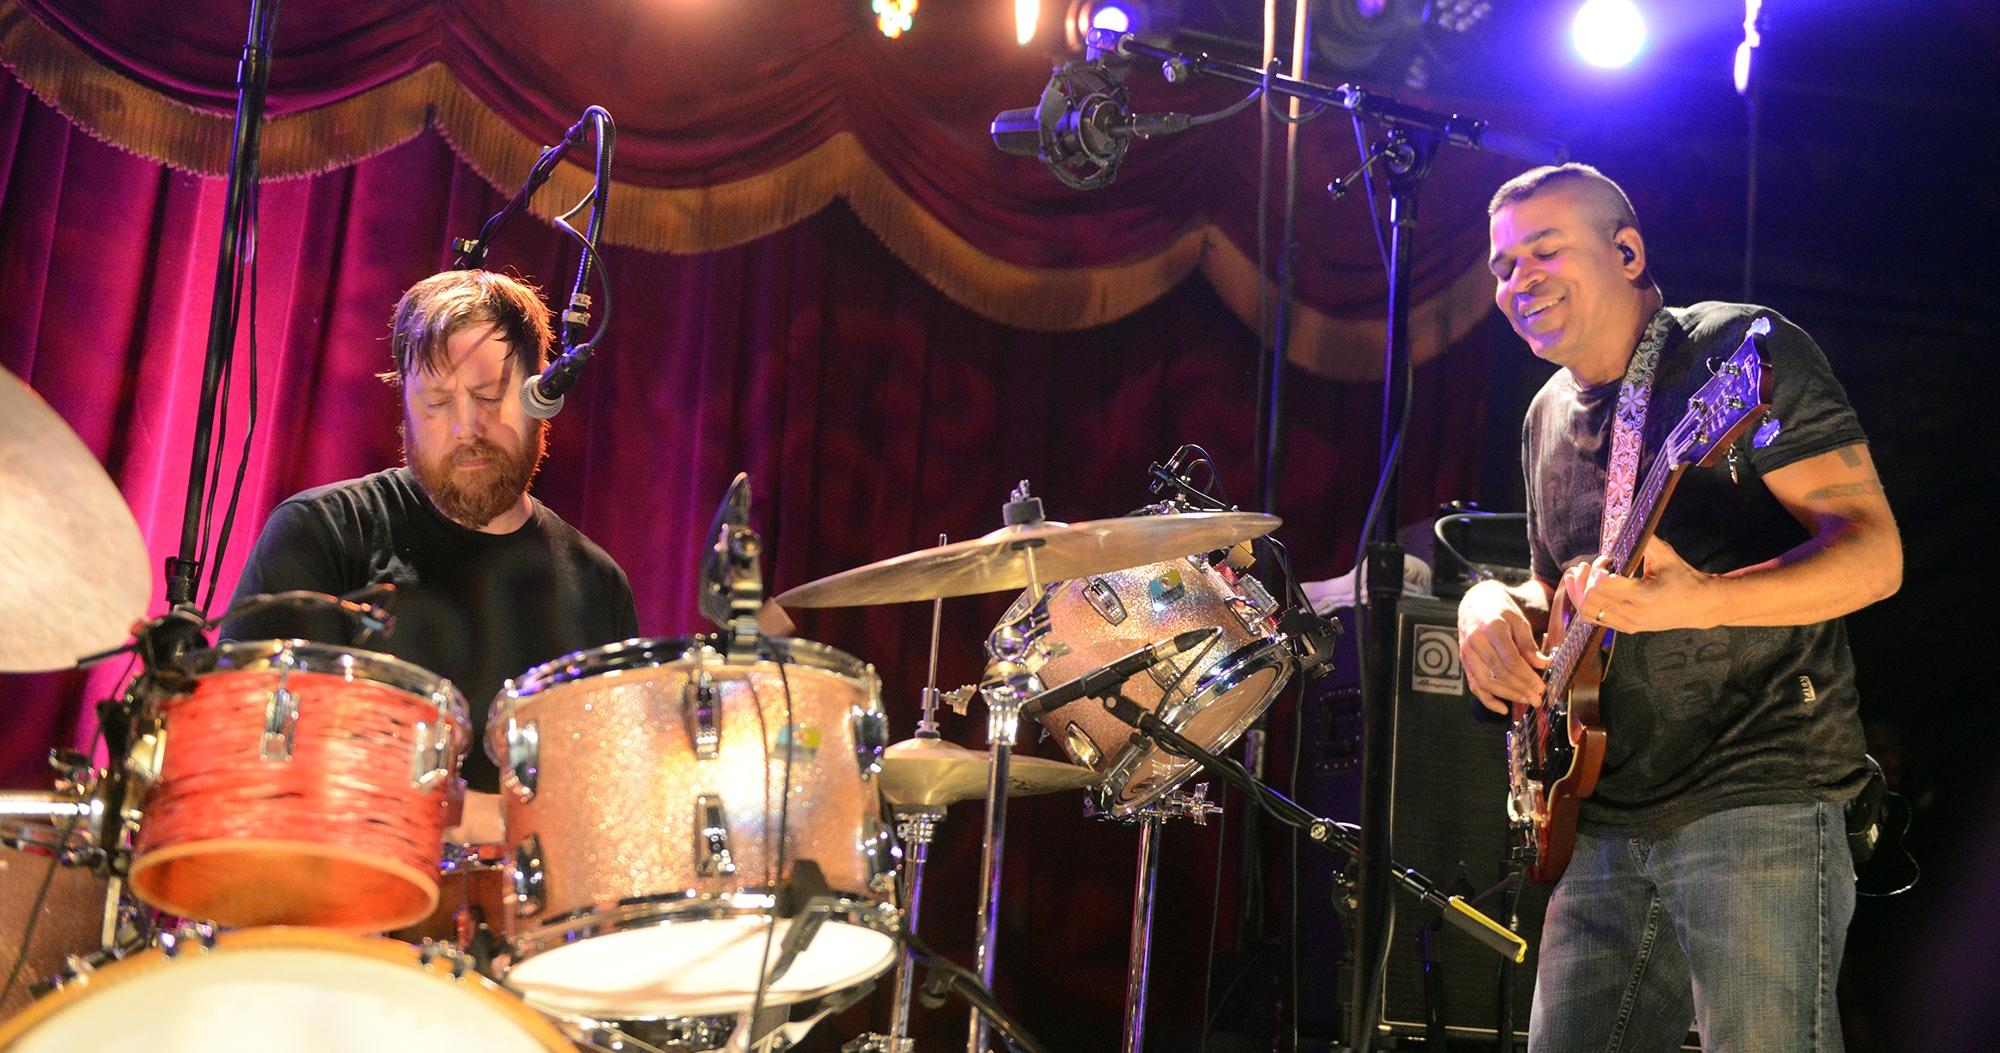 Joe Russo's Almost Dead Announces Philadelphia Webcasts